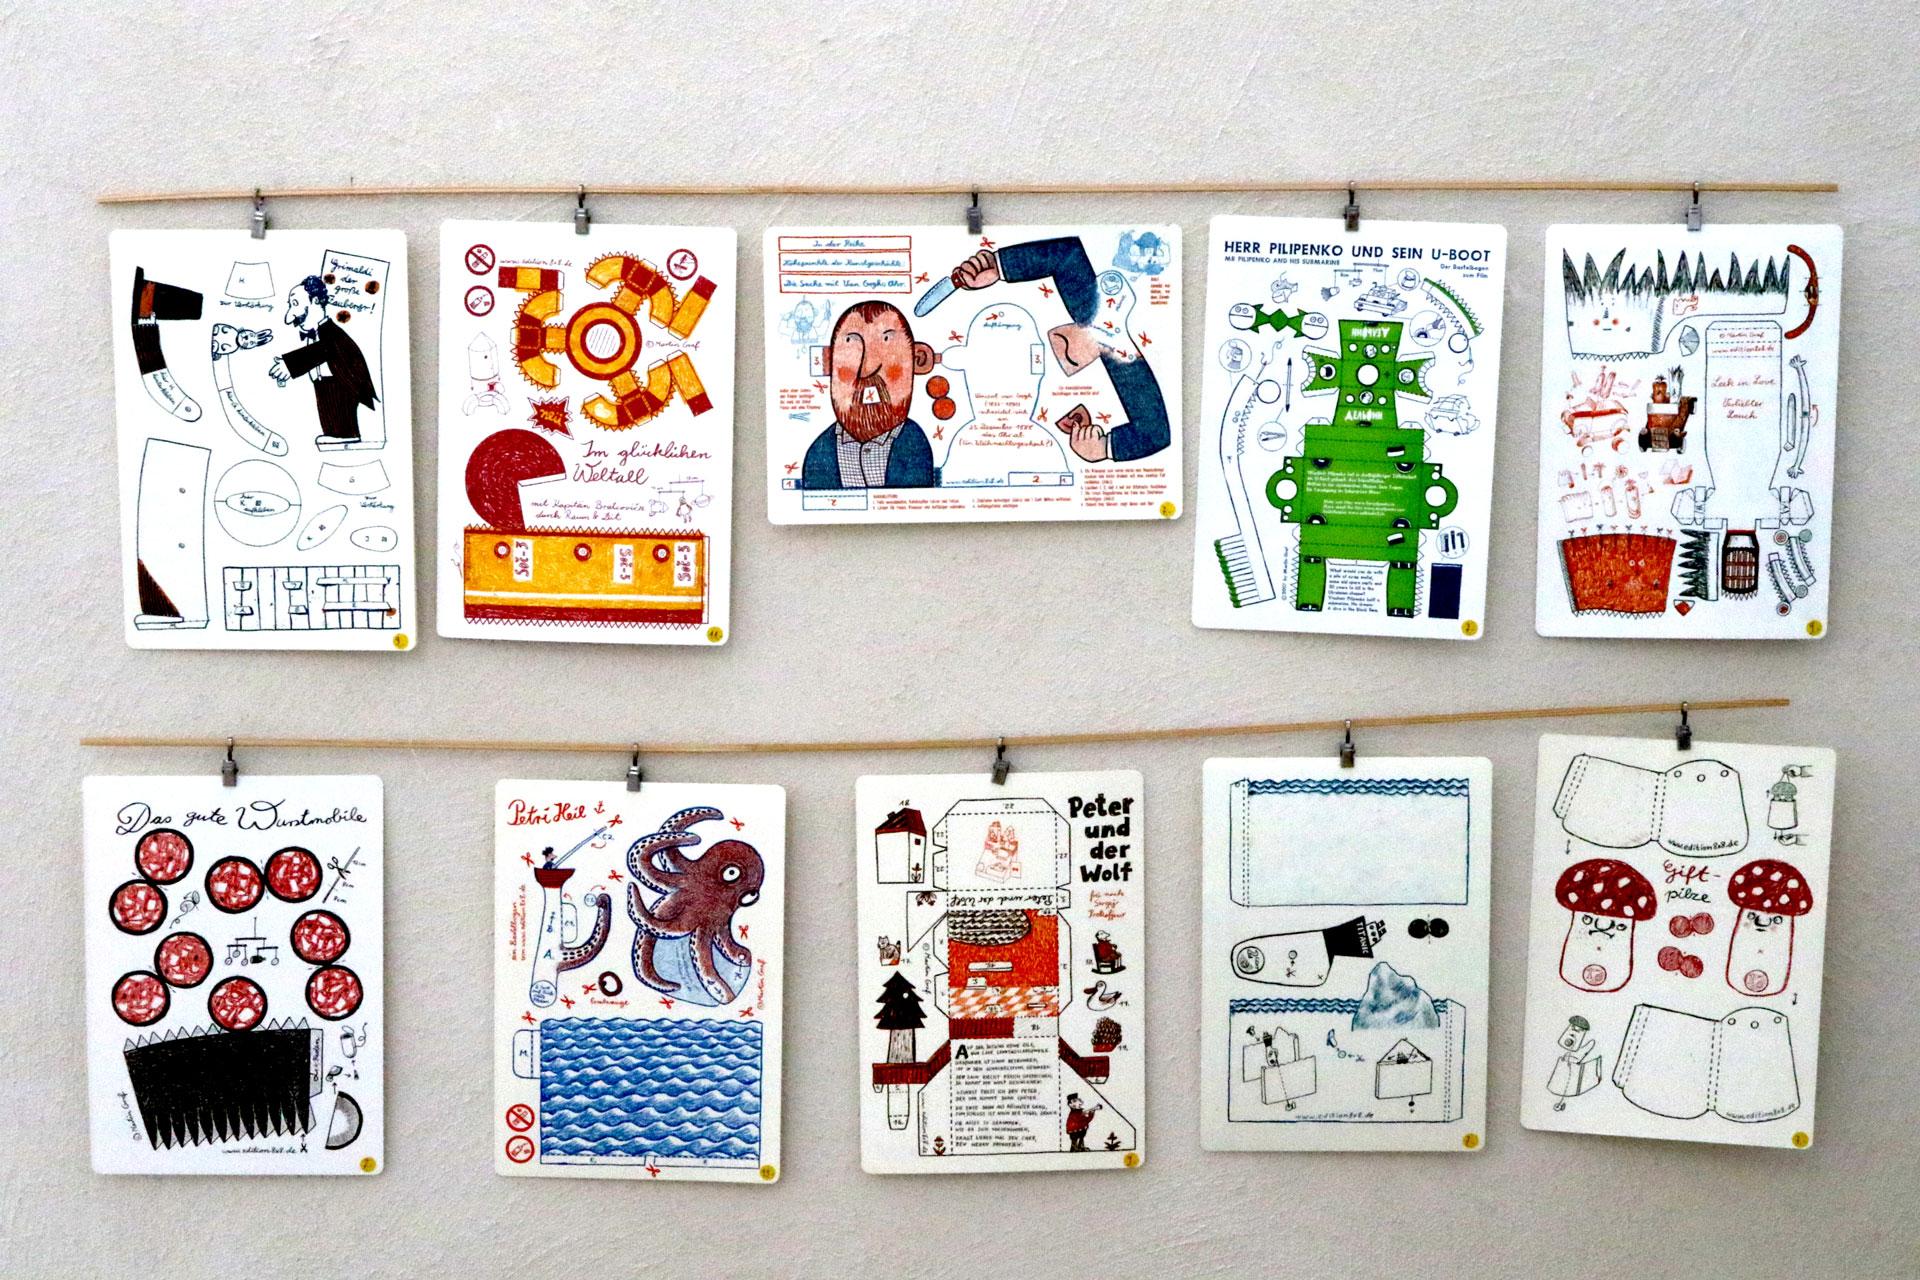 Frühlingsmarkt: zauberhafte Papierspielereien von Martin Graf